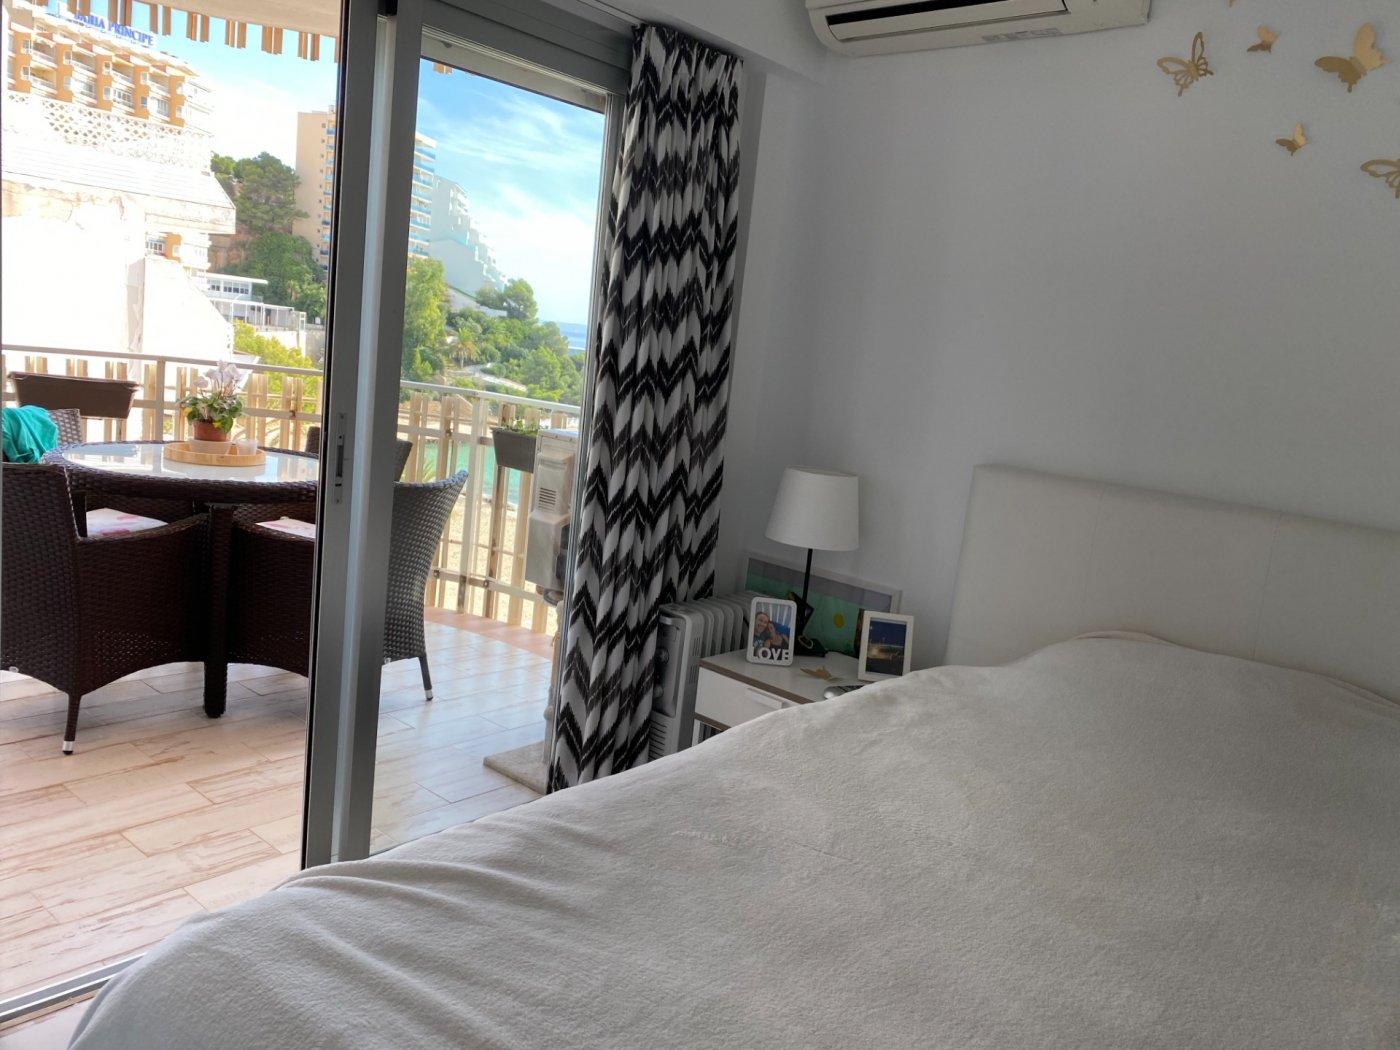 Alquiler con opcion de compra!espectacular apartamento con vistas al mar y parking propio - imagenInmueble21